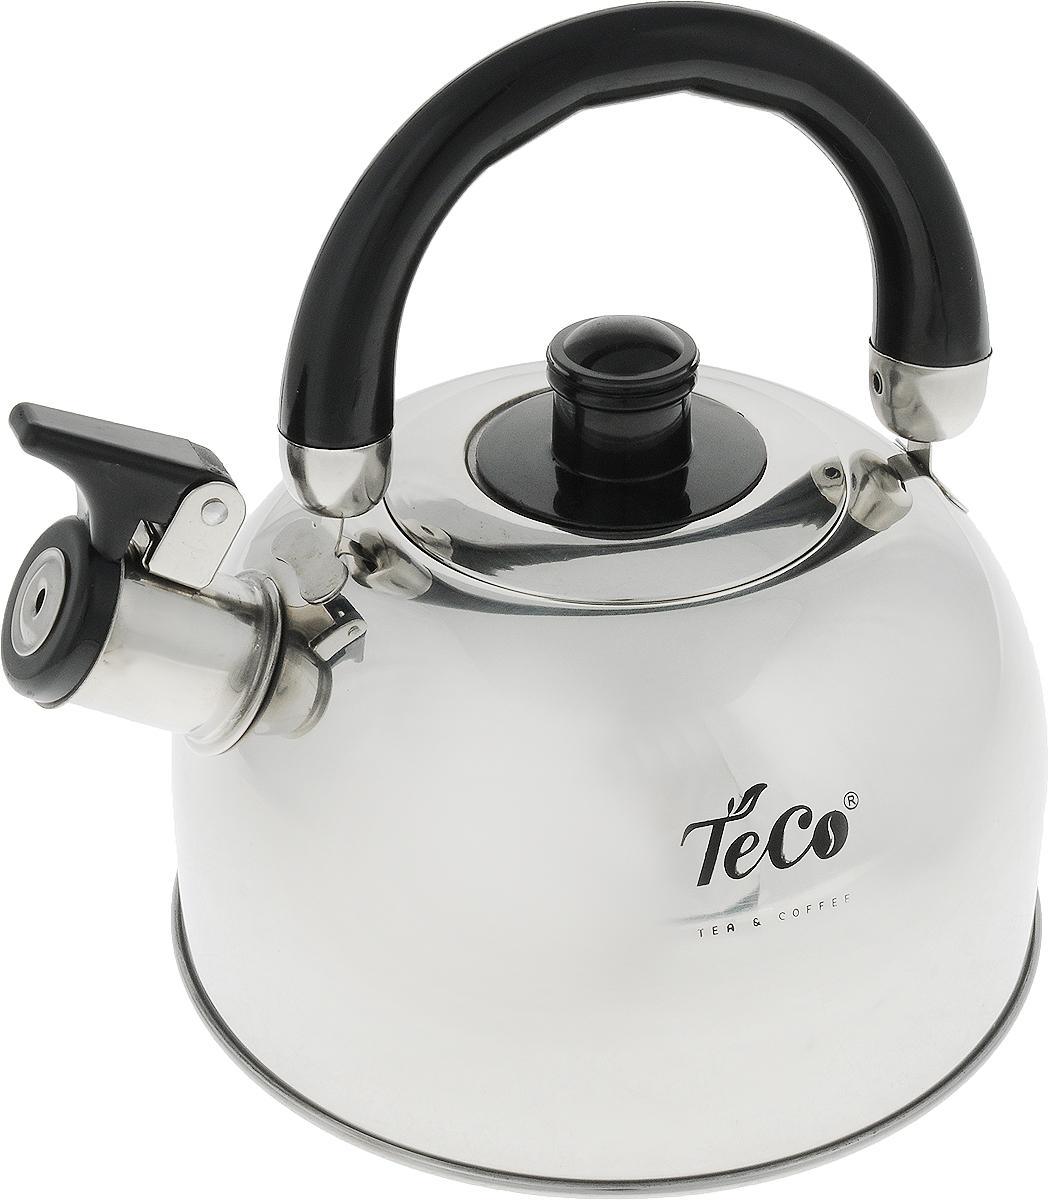 Чайник Teco, со свистком, цвет: стальной, черный, 2 л. TC-120TC-120Чайник Teco выполнен из высококачественной нержавеющей стали, которая не окисляется и не впитывает запахи, напитки всегда будут ароматны. Фиксированная ручка, изготовленная из металла и бакелита, Носик снабжен открывающимся свистком, что позволит вам контролировать процесс подогрева или кипячения воды.Эстетичный и функциональный чайник будет оригинально смотреться в любом интерьере.Подходит для всех типов плит, кроме индукционных. Можно мыть в посудомоечной машине.